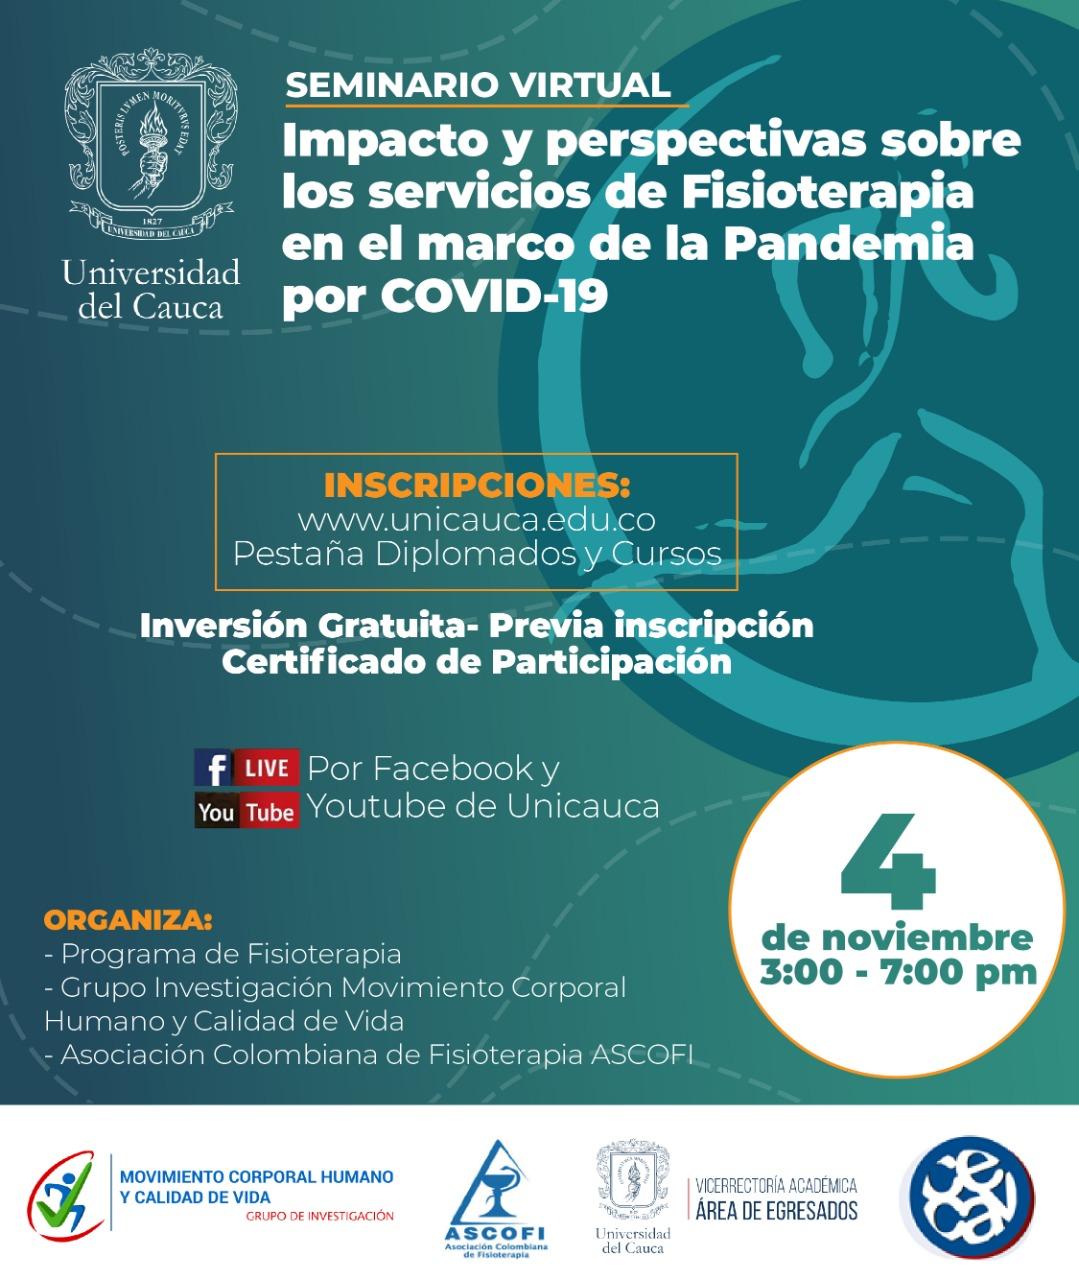 Seminario Impacto y perspectiva sobre los servicios de Fisioterapia en el marco de la Pandemia por COVID-19